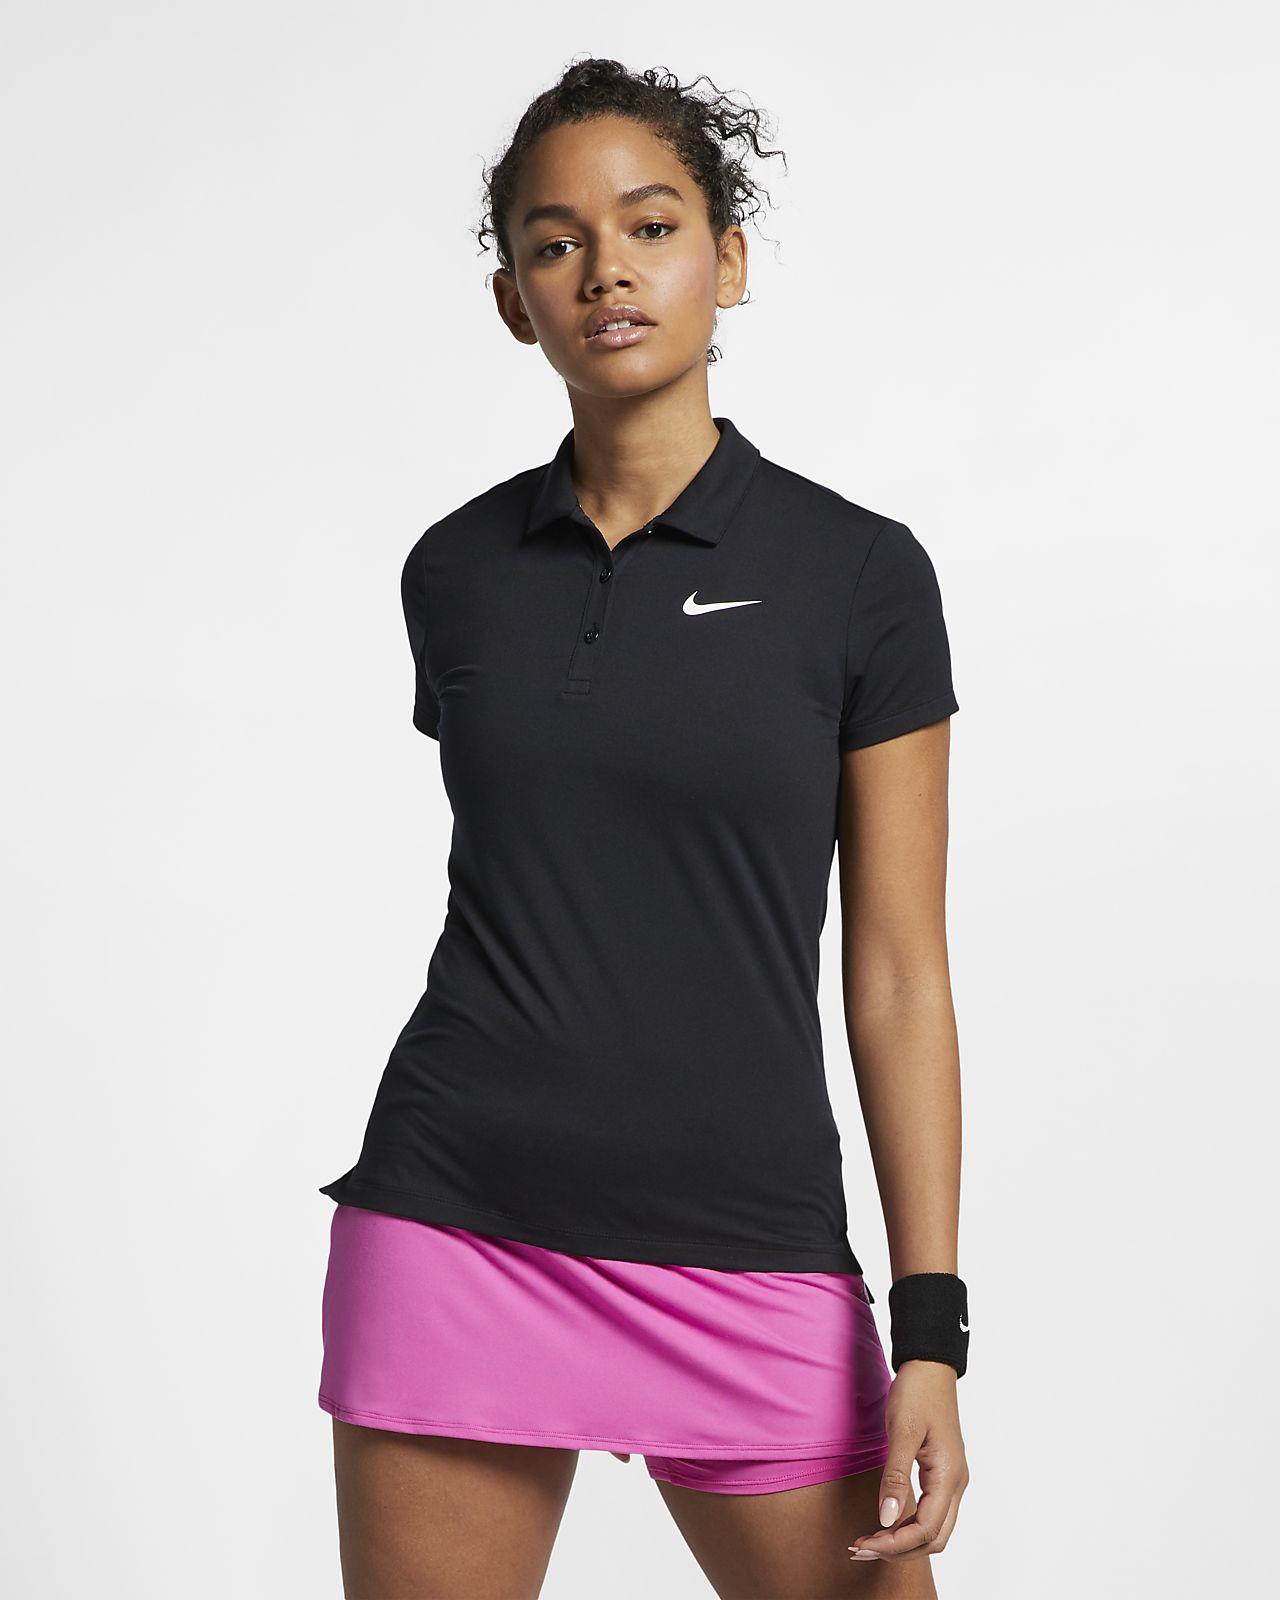 NikeCourt Pure női teniszpóló